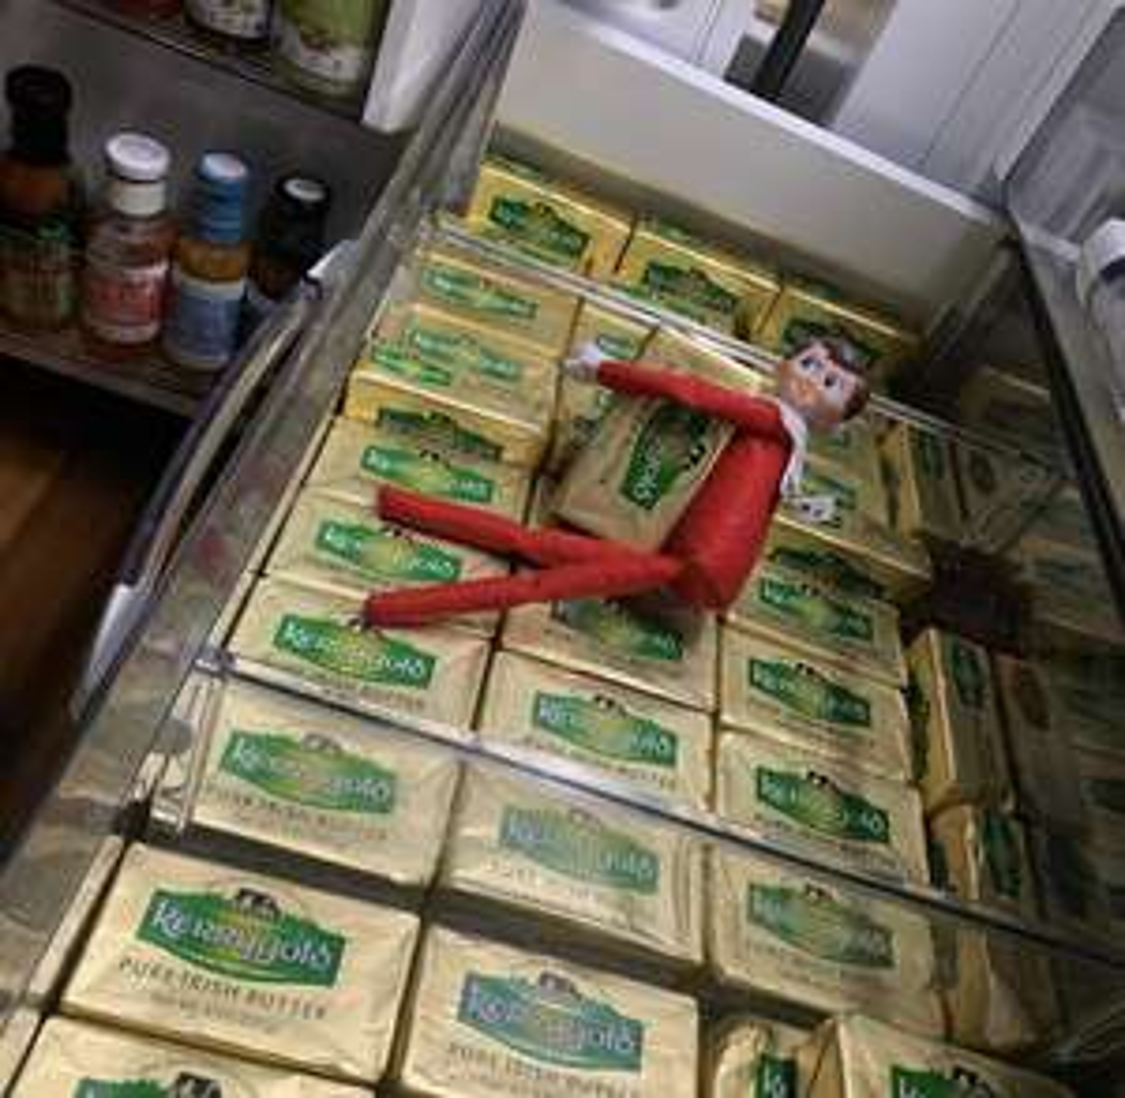 [Aldi Nord & REWE] 250g Kerrygold Original irische Butter aus irischer Weidemilch für 1.59€ ab Montag 24.06.2019